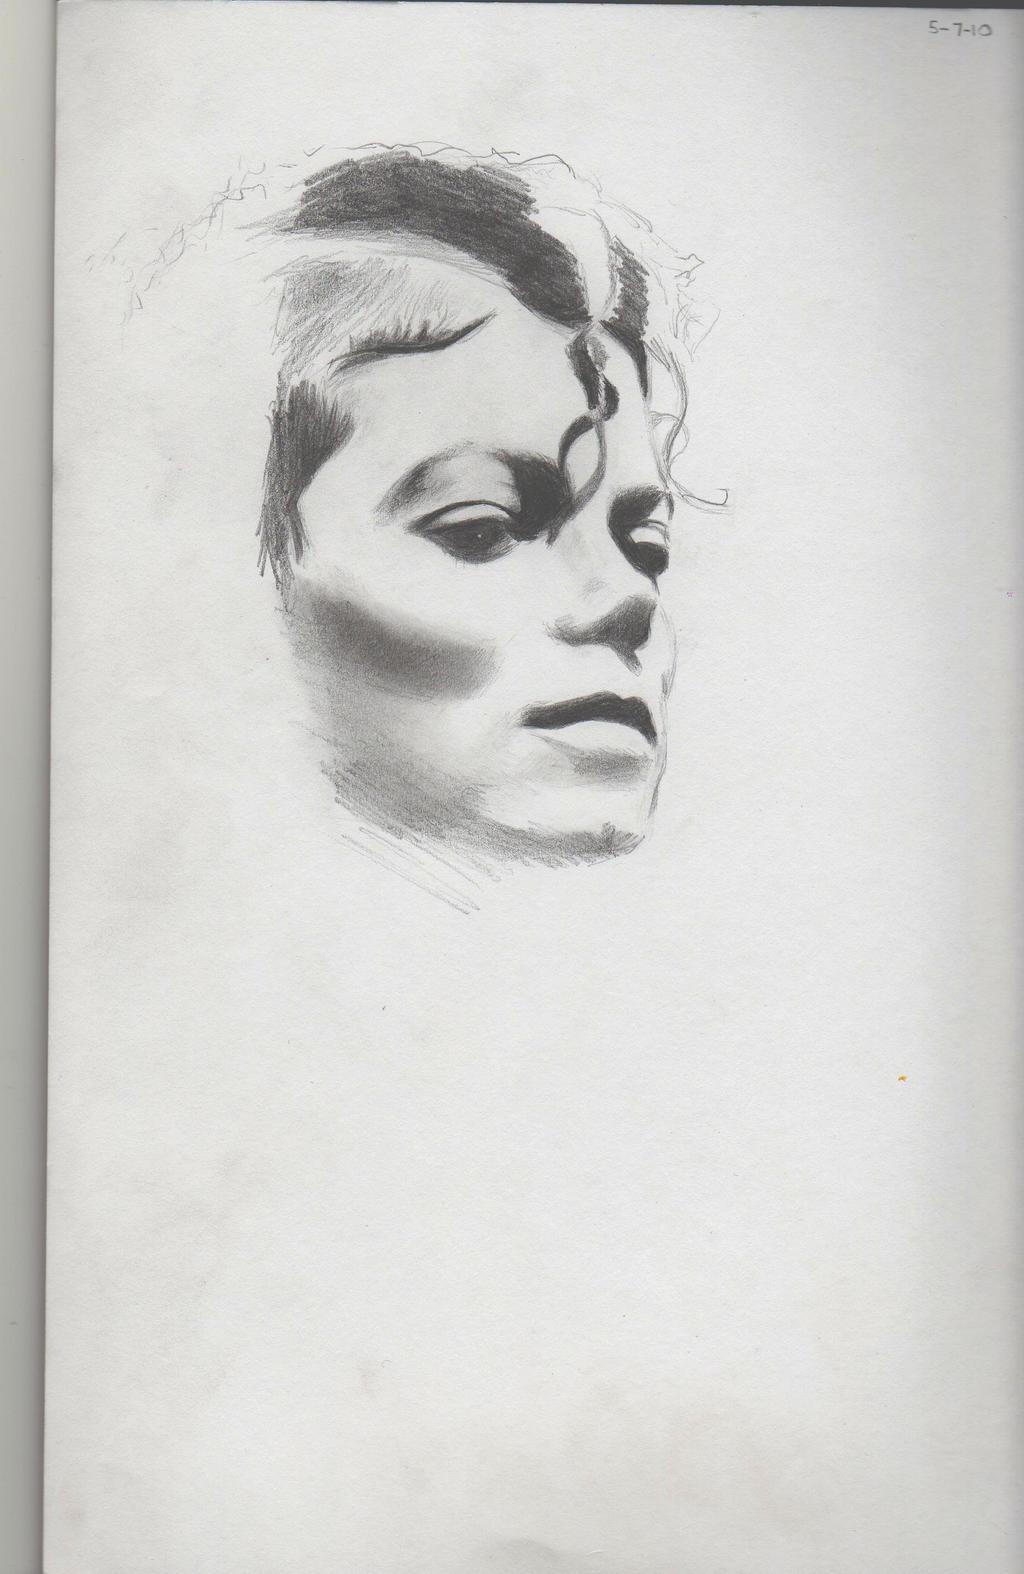 M J Sketch Images wip mj sketch by krisiD